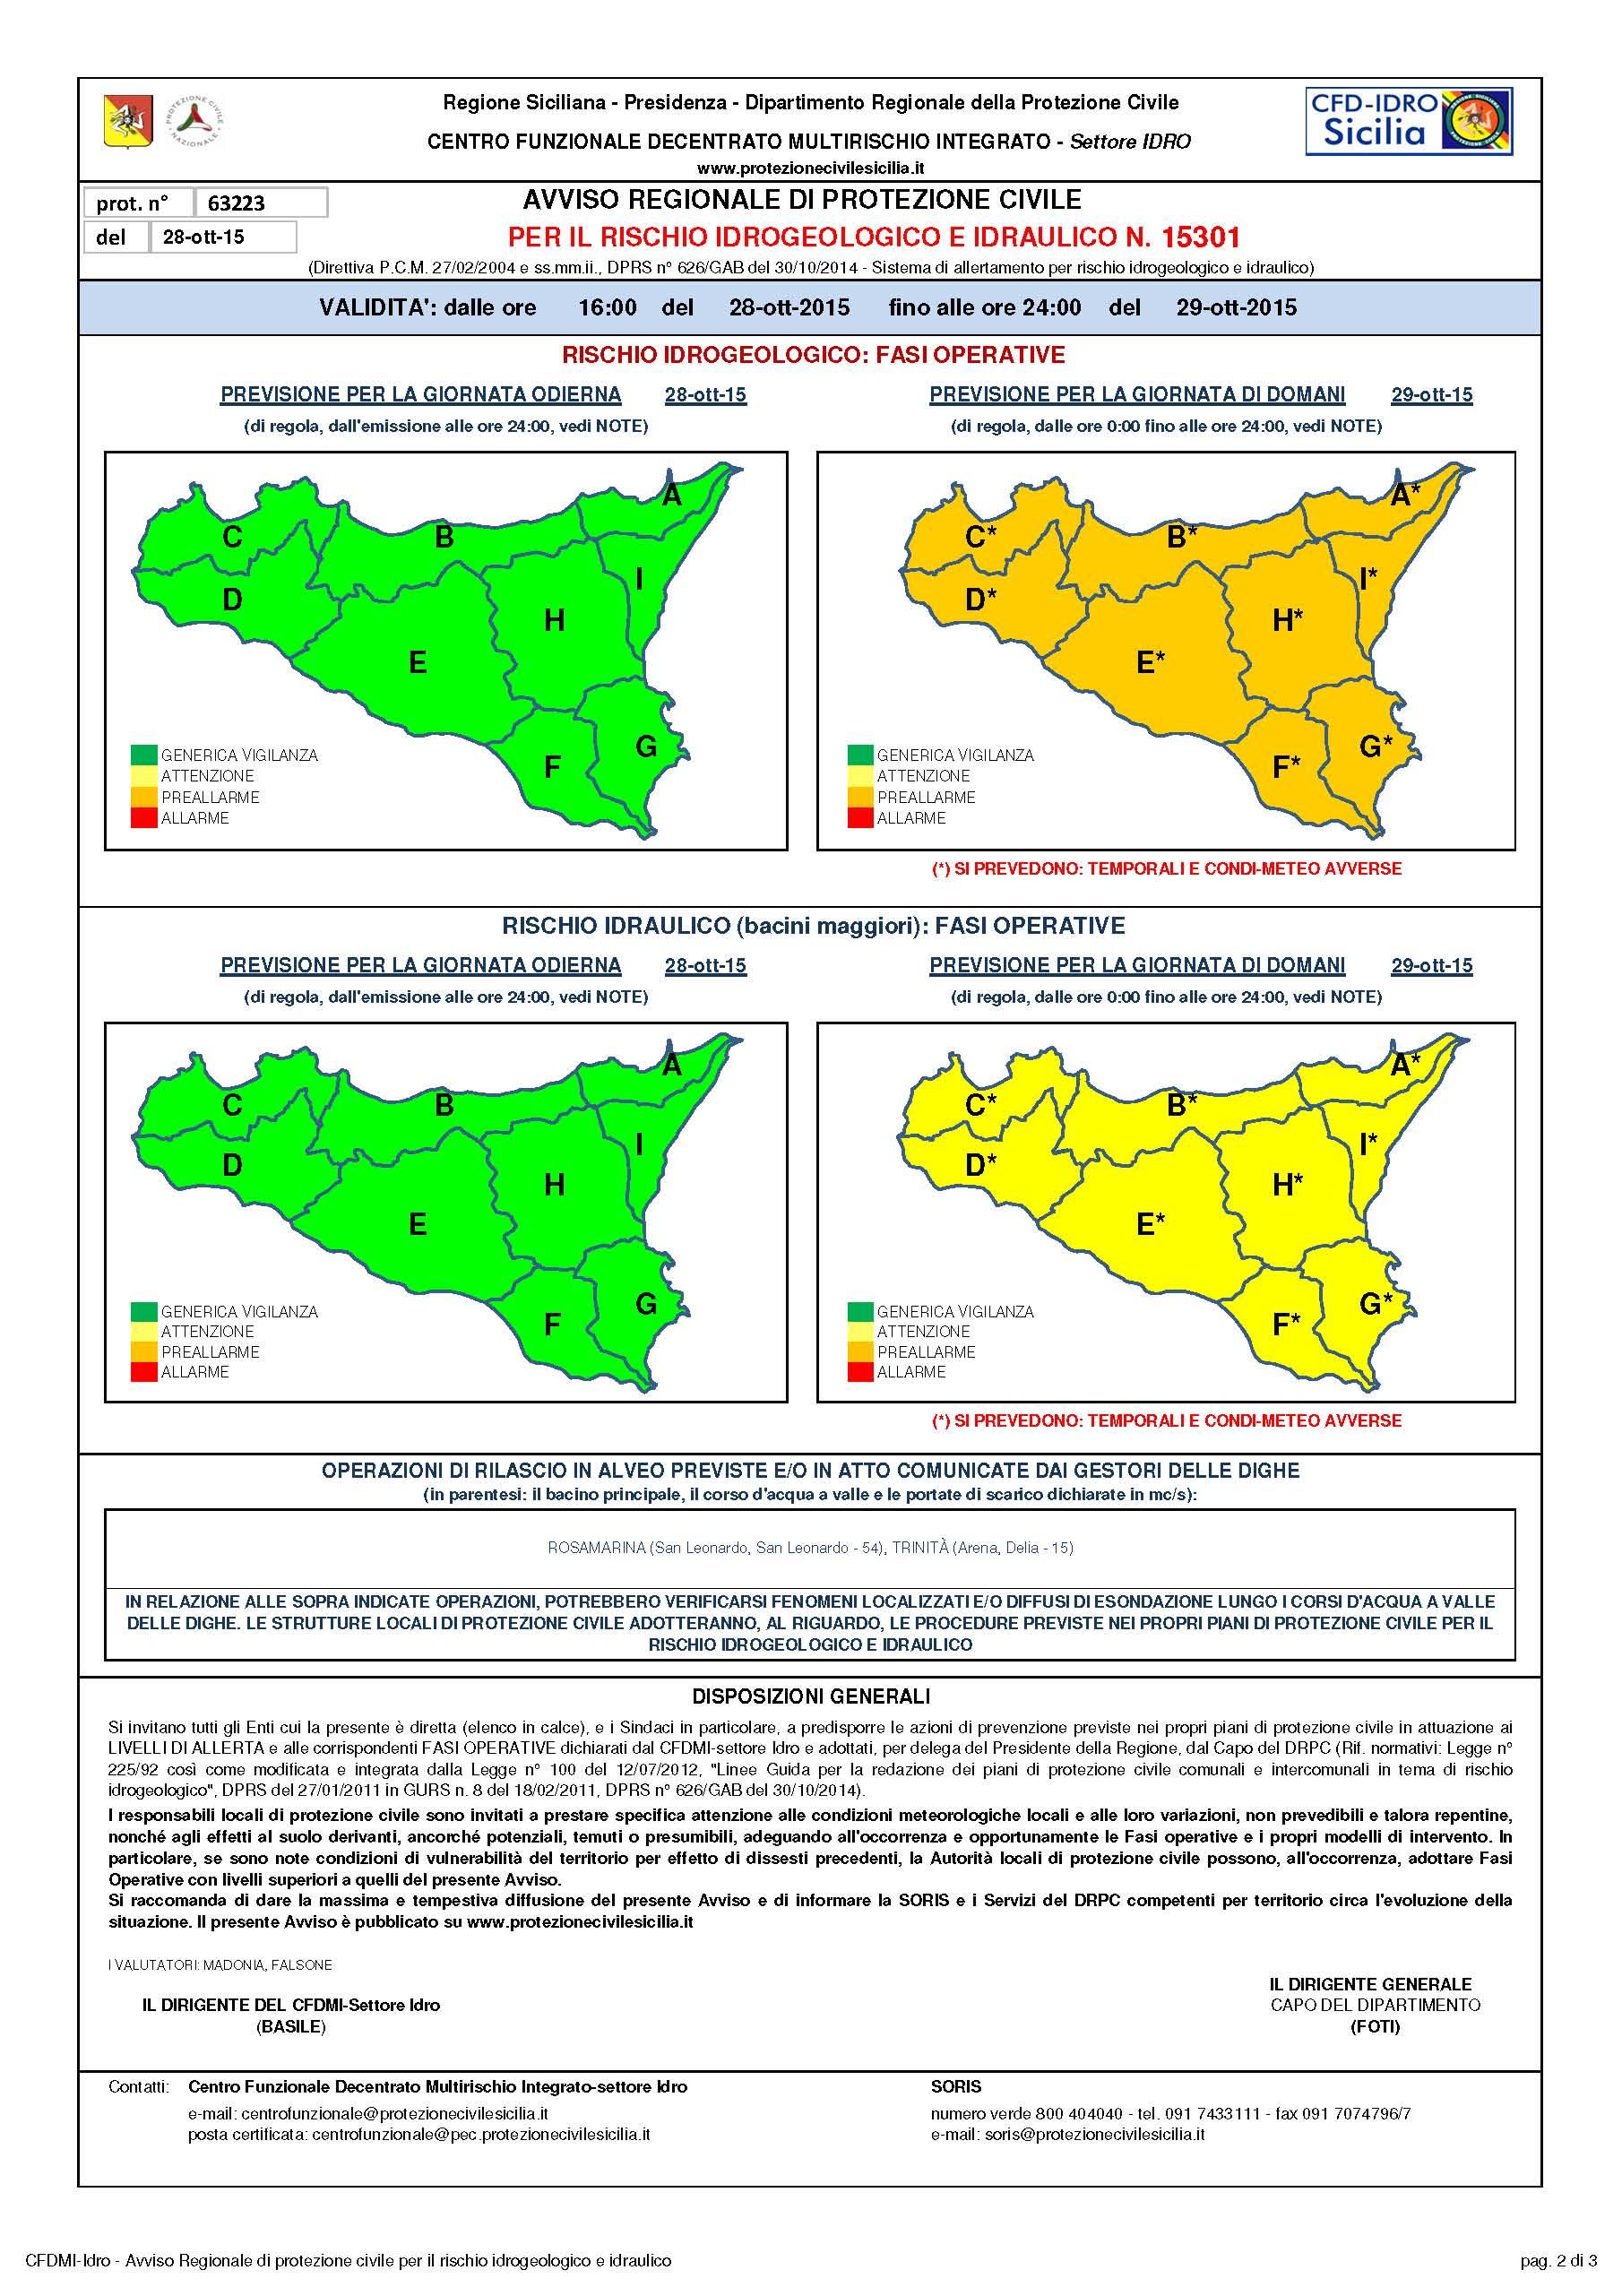 15301_AVVISO DRPC_2015_10_28_63223_Pagina_2 - avviso protezione civile per 29.10.2015